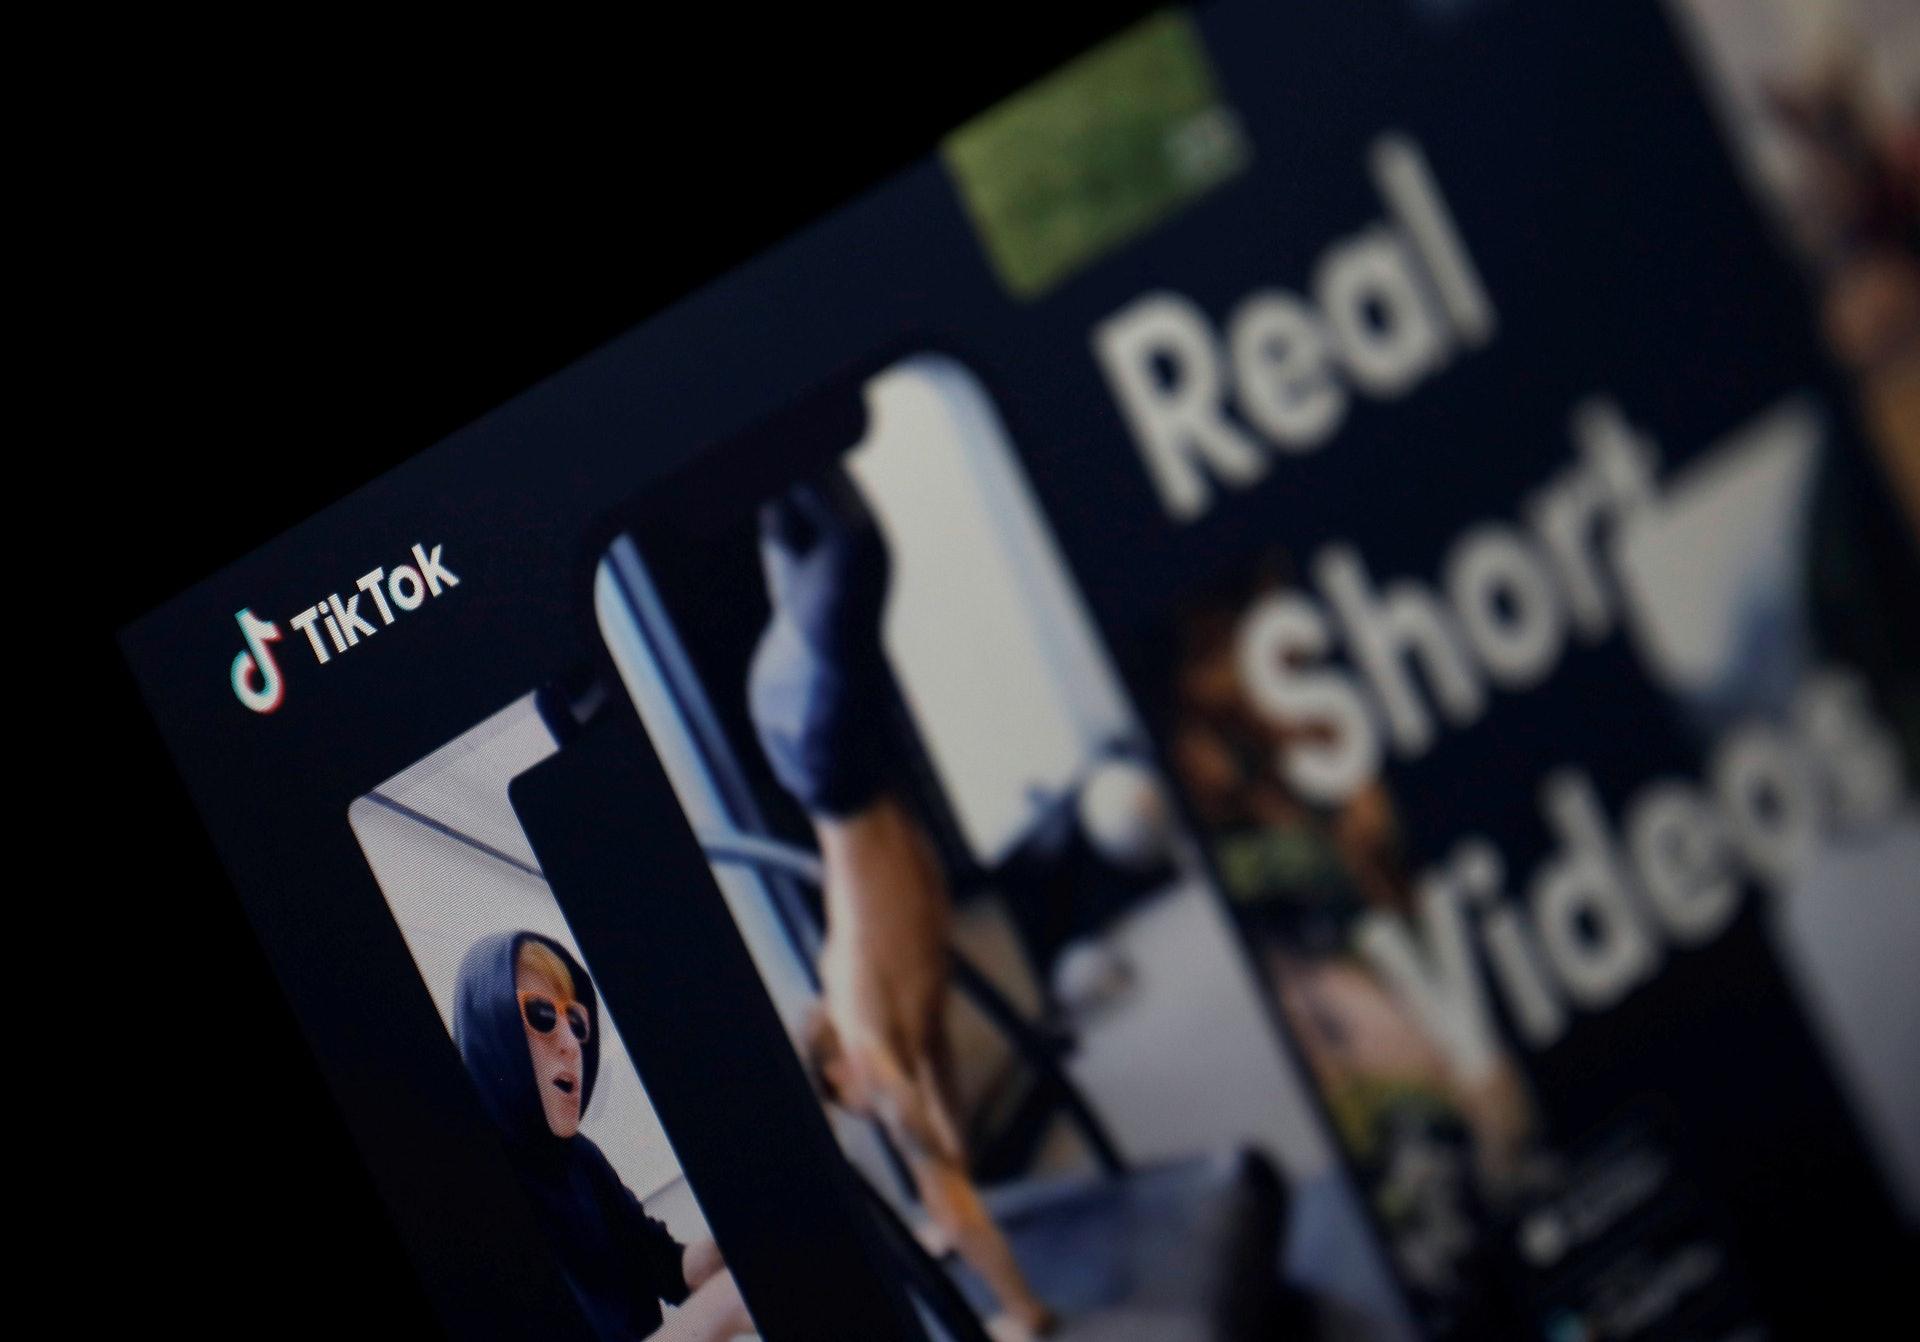 美国「封杀」TikTok:美国科技网站9to5Google在2020年7月31日报道,华府计划禁止它在美国营运。 美国政府有声音认为TikTok有可能跟中国政府分享用户个人资料,对美国国家安全构成威胁。 但TikTok否认其事。 图为2019年2月21日TikTok的标志显示在一部智能手机上。 (Reuters)